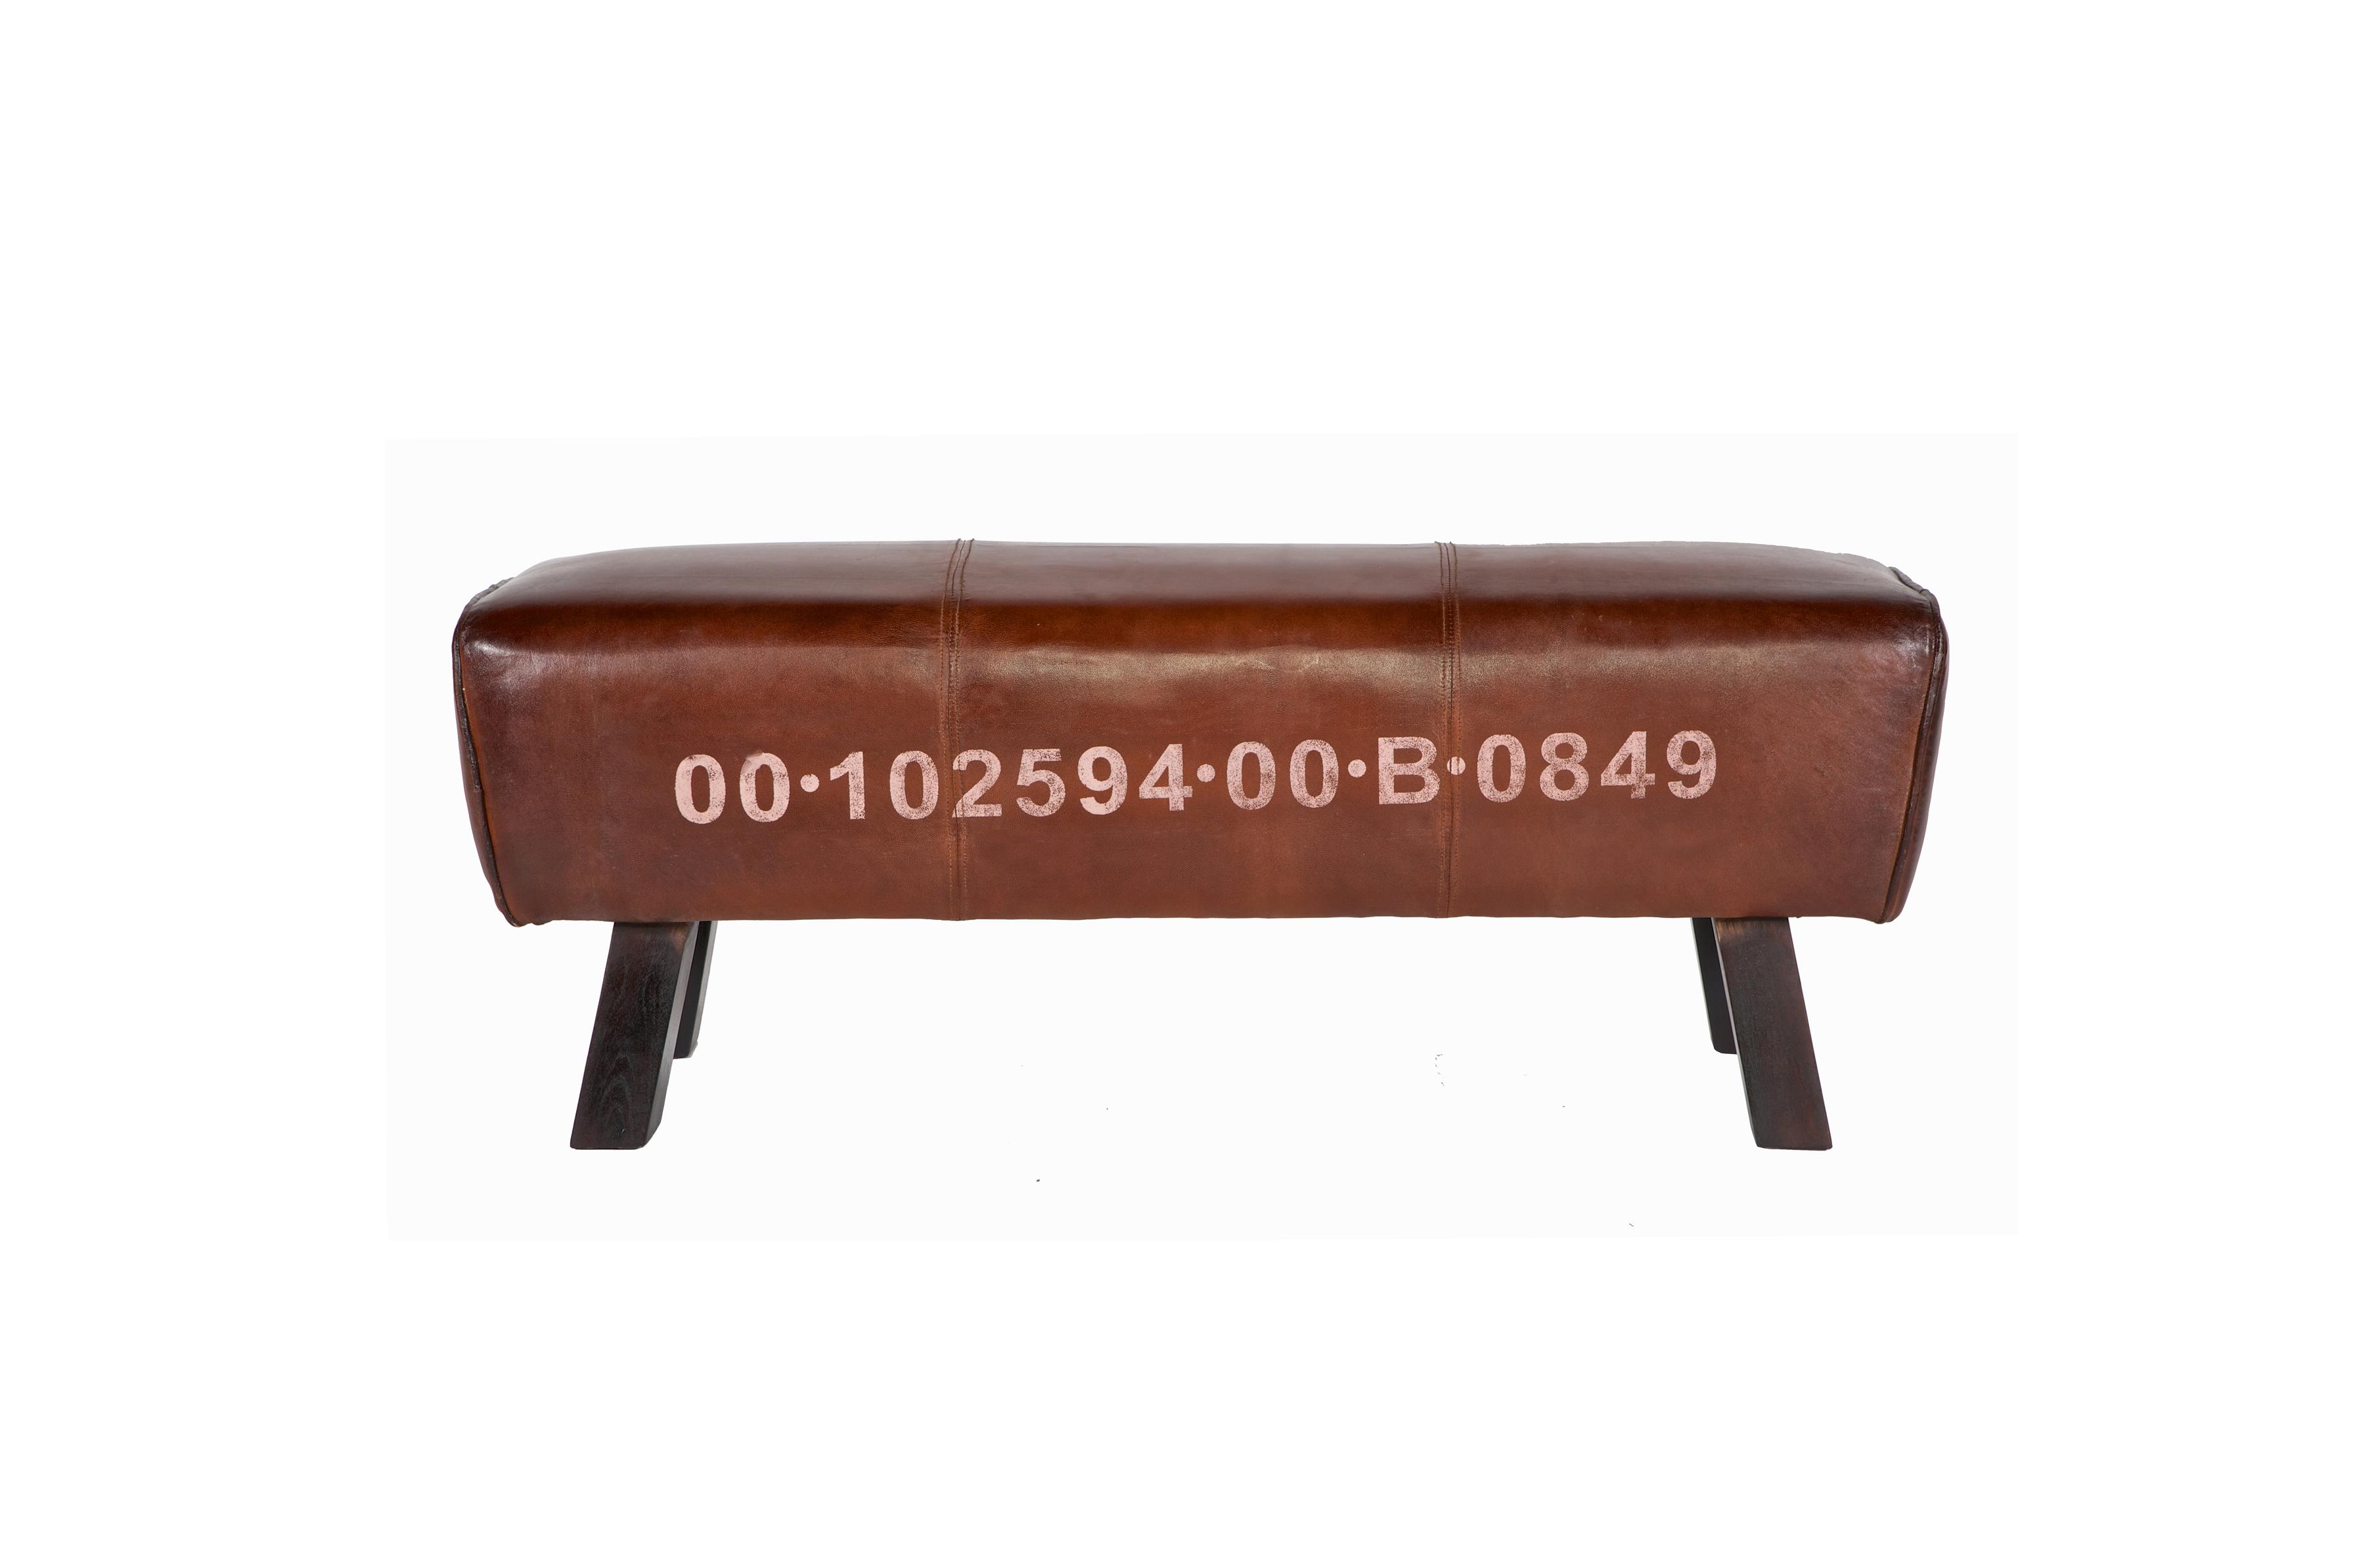 Скамья Гимнастический коньСкамейки<br>Скамья-банкетка выполнена в духе спортивной эстетики. Обивка из натуральной мягкой кожи, устойчивые деревянные ножки. Сборка не требуется<br><br>Material: Кожа<br>Width см: 126<br>Depth см: 36<br>Height см: 45